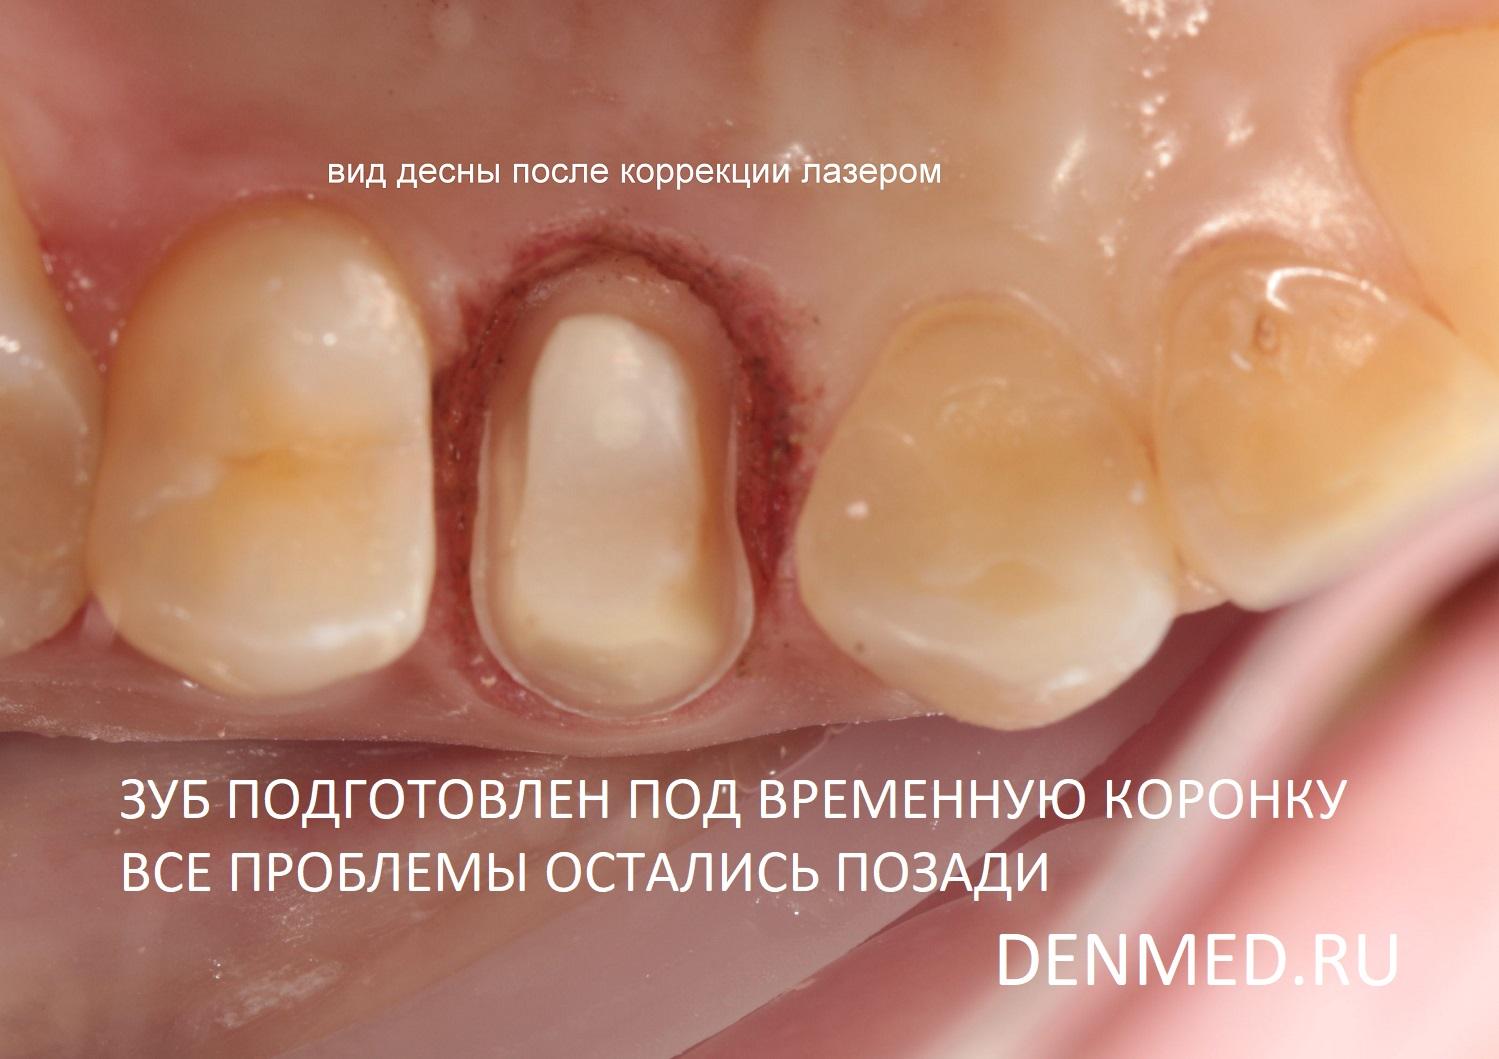 На этом этапе я отпрепарировала зуб под временную коронку